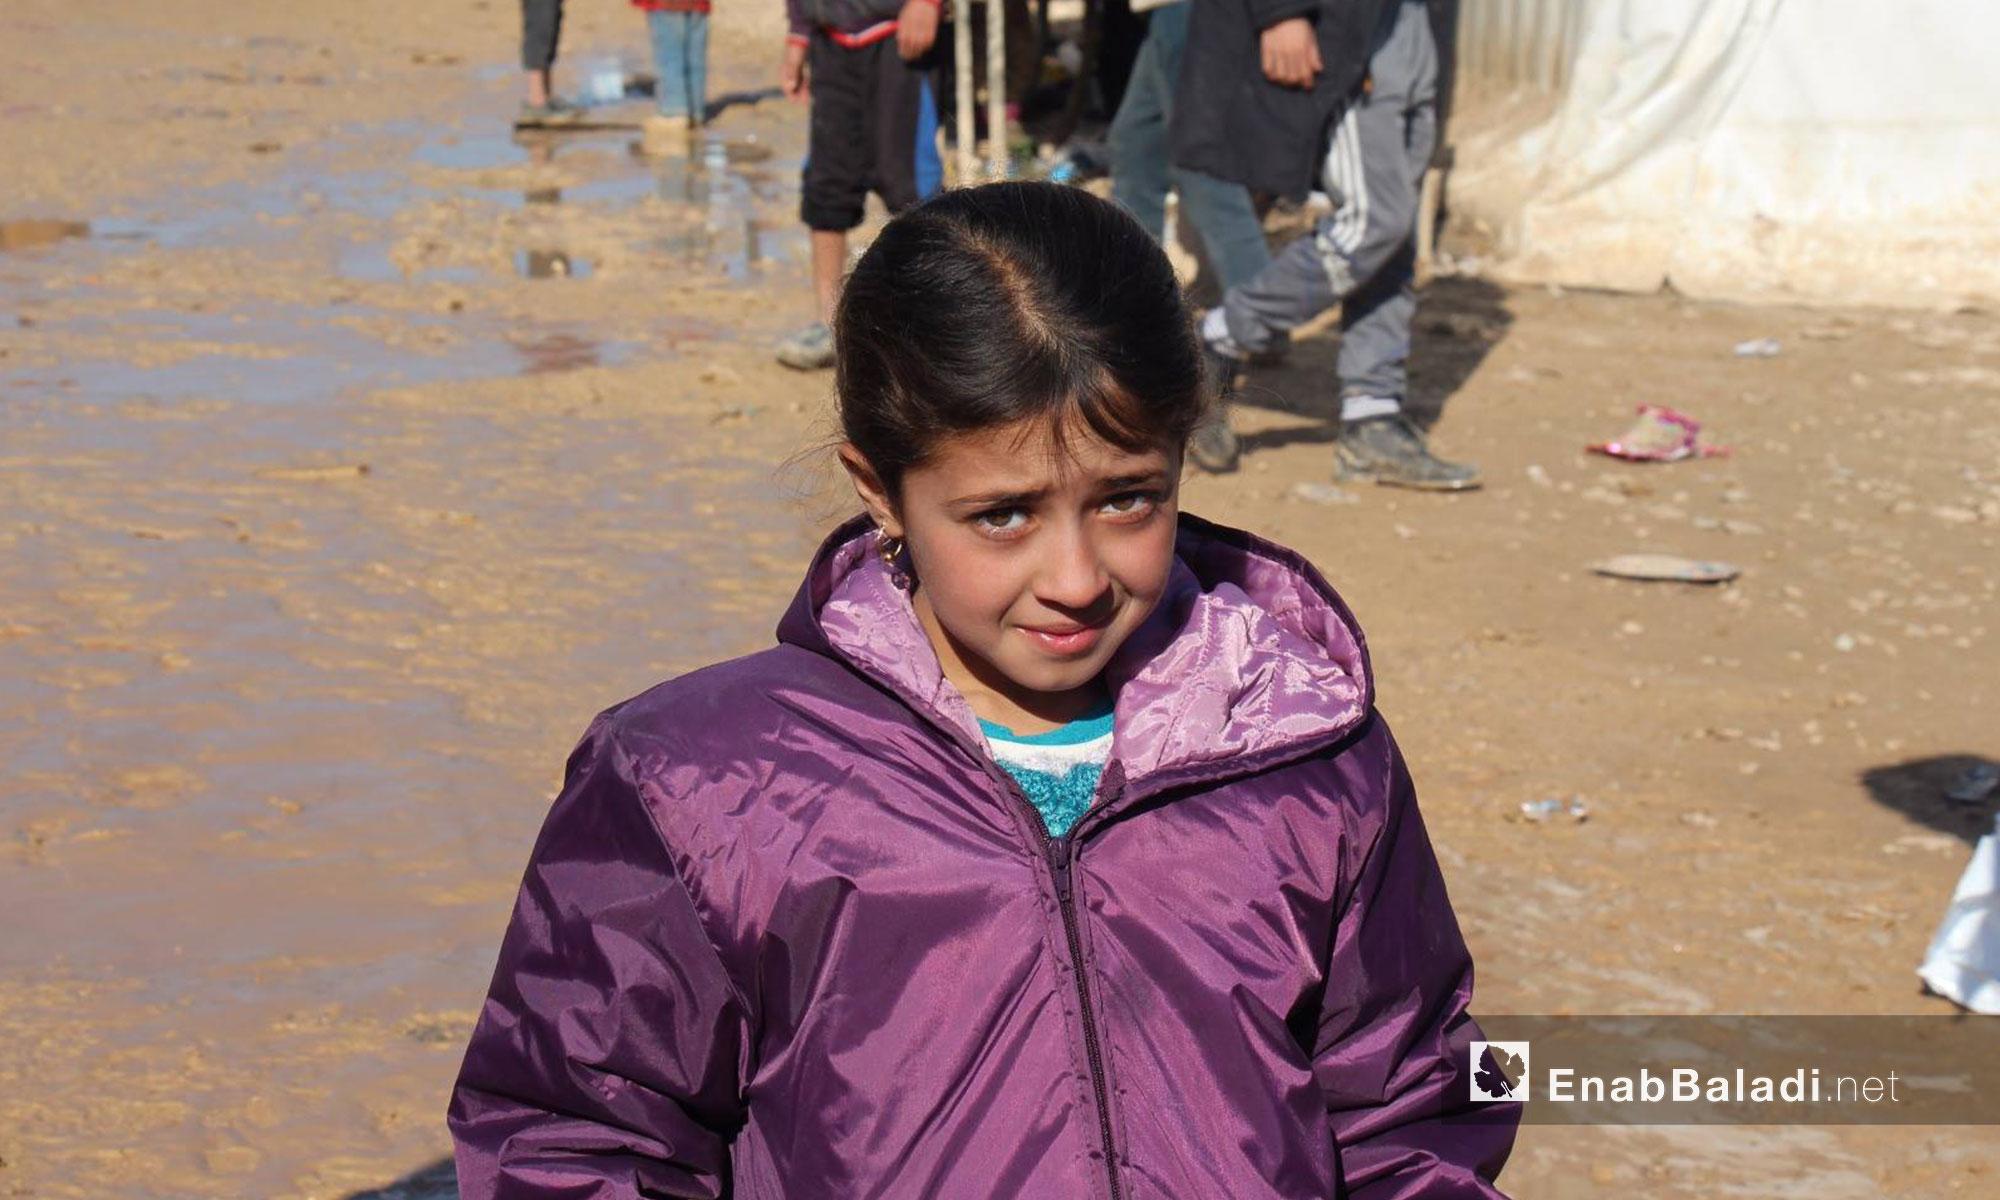 طفلة عراقية لاجئة في مركز استقبال مؤقت في إعزار بريف حلب الشمالي - كانون الأول 2016 (عنب بلدي)